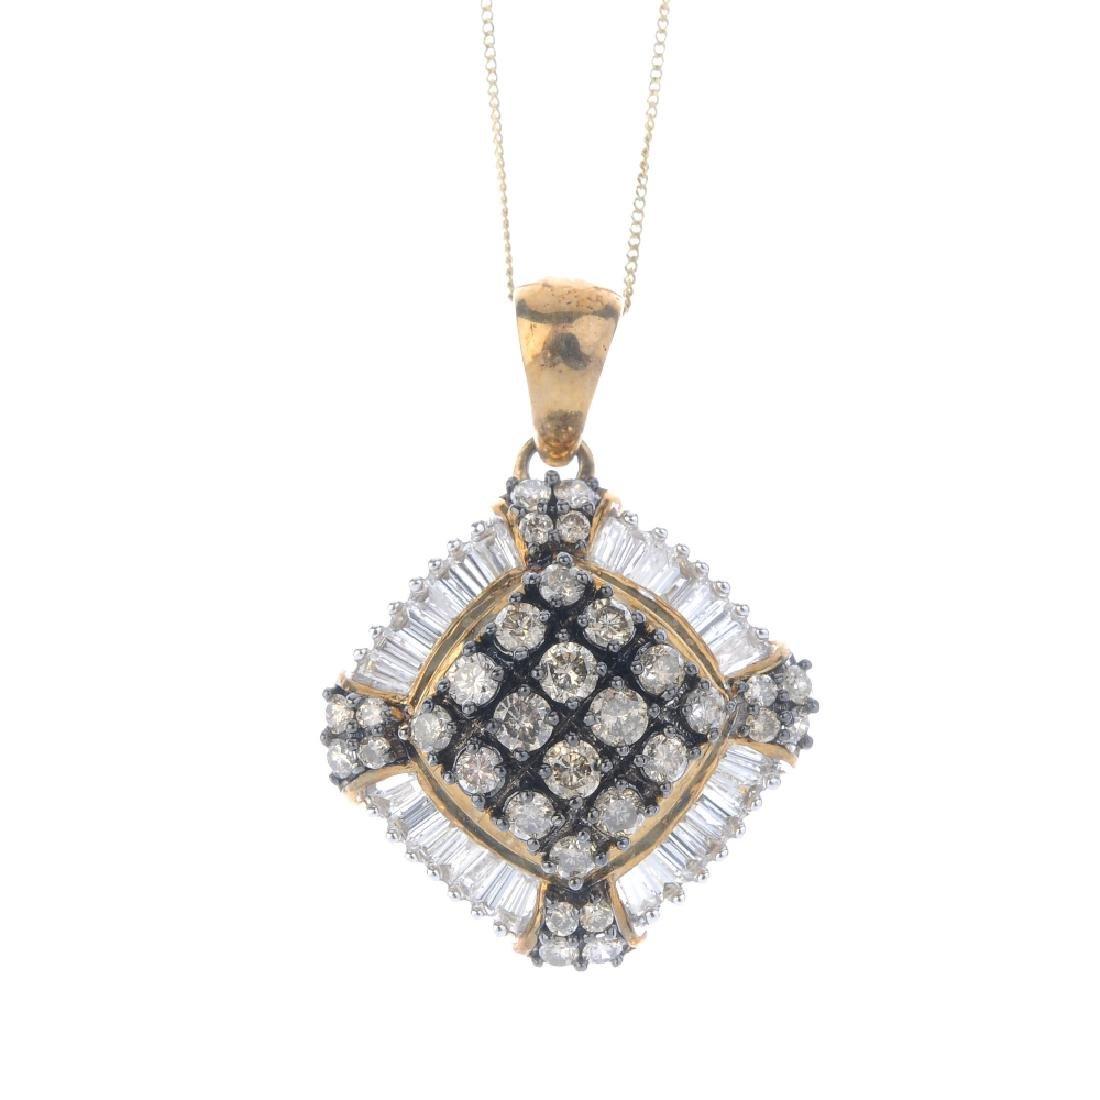 A 9ct gold diamond pendant. The brilliant-cut diamond